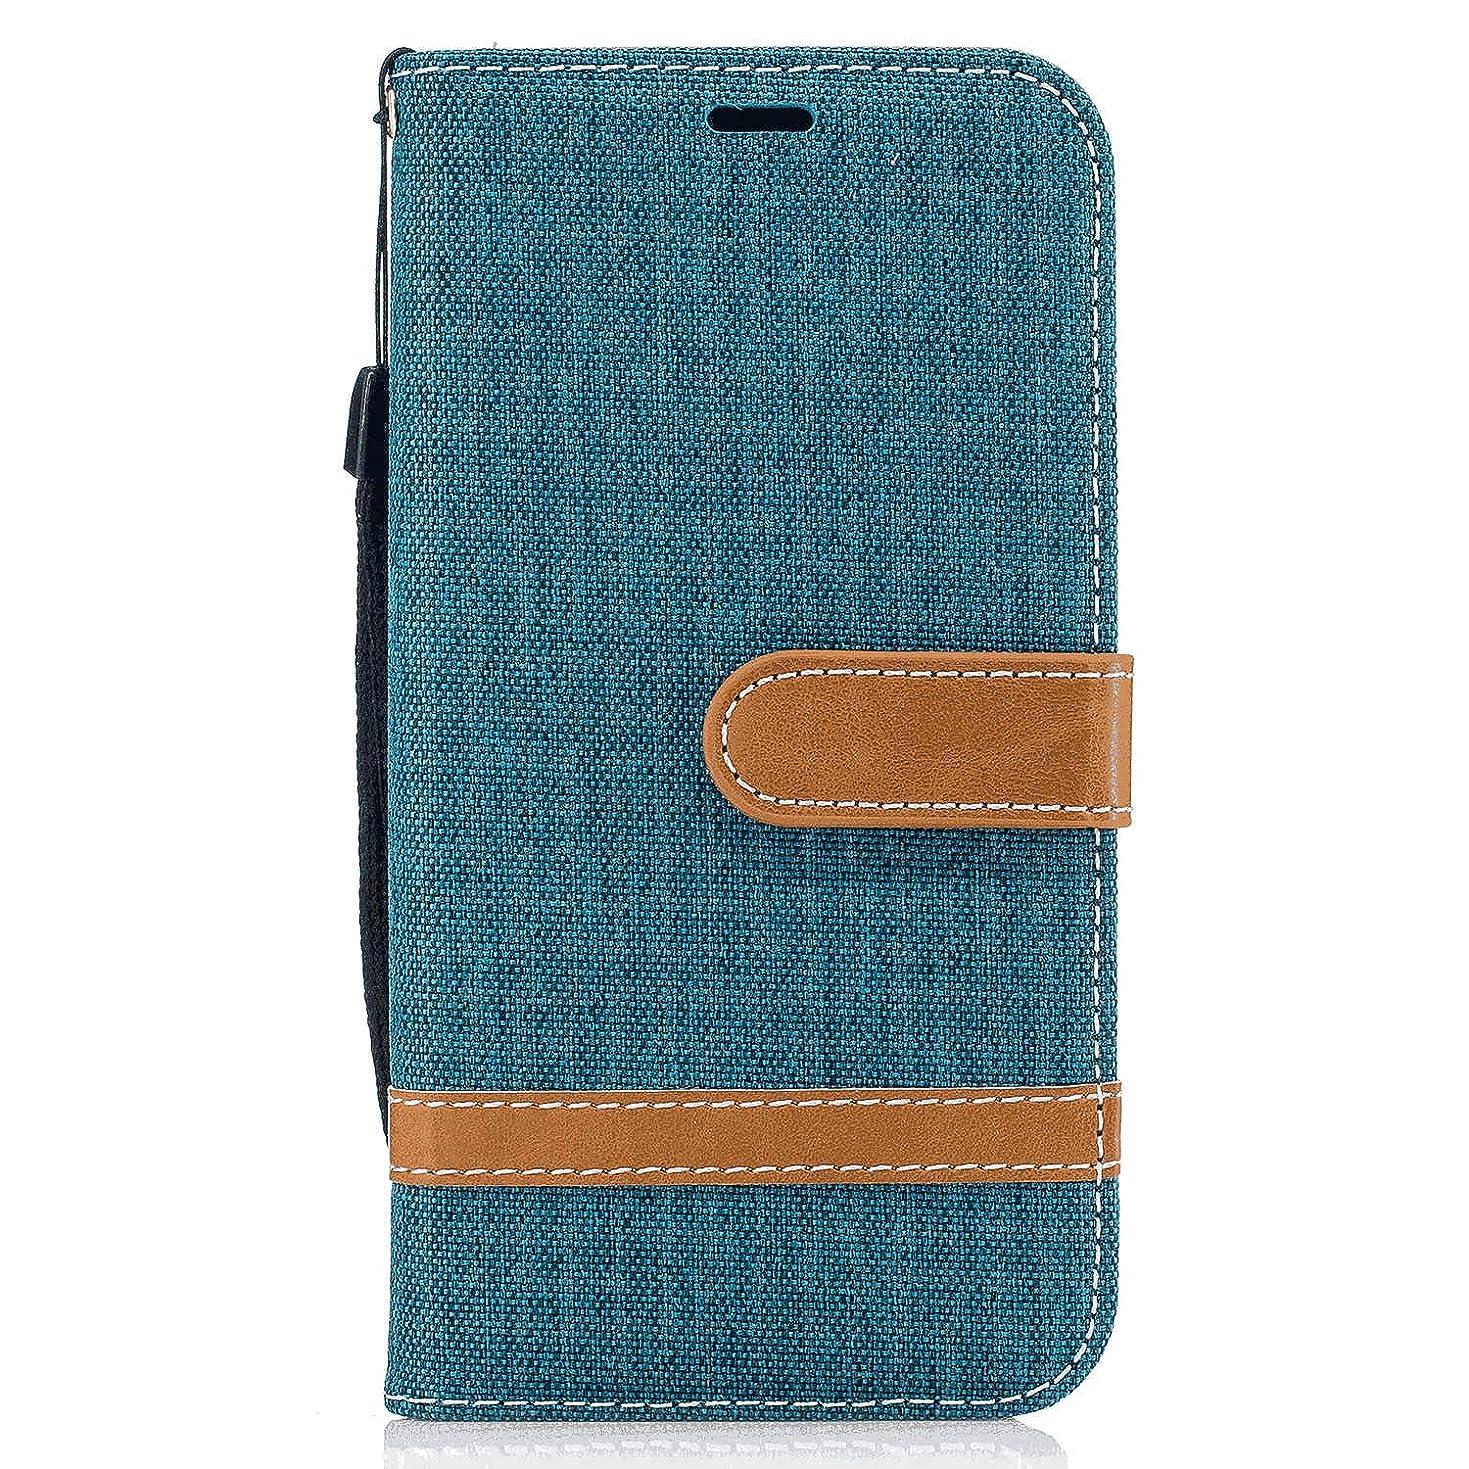 特権的お父さん奇跡Huawei P20 LITE レザー ケース, 手帳型 Huawei P20 LITE 本革 スマホケース 財布 防指紋 ビジネス カバー収納 無料付スマホ防水ポーチIPX8